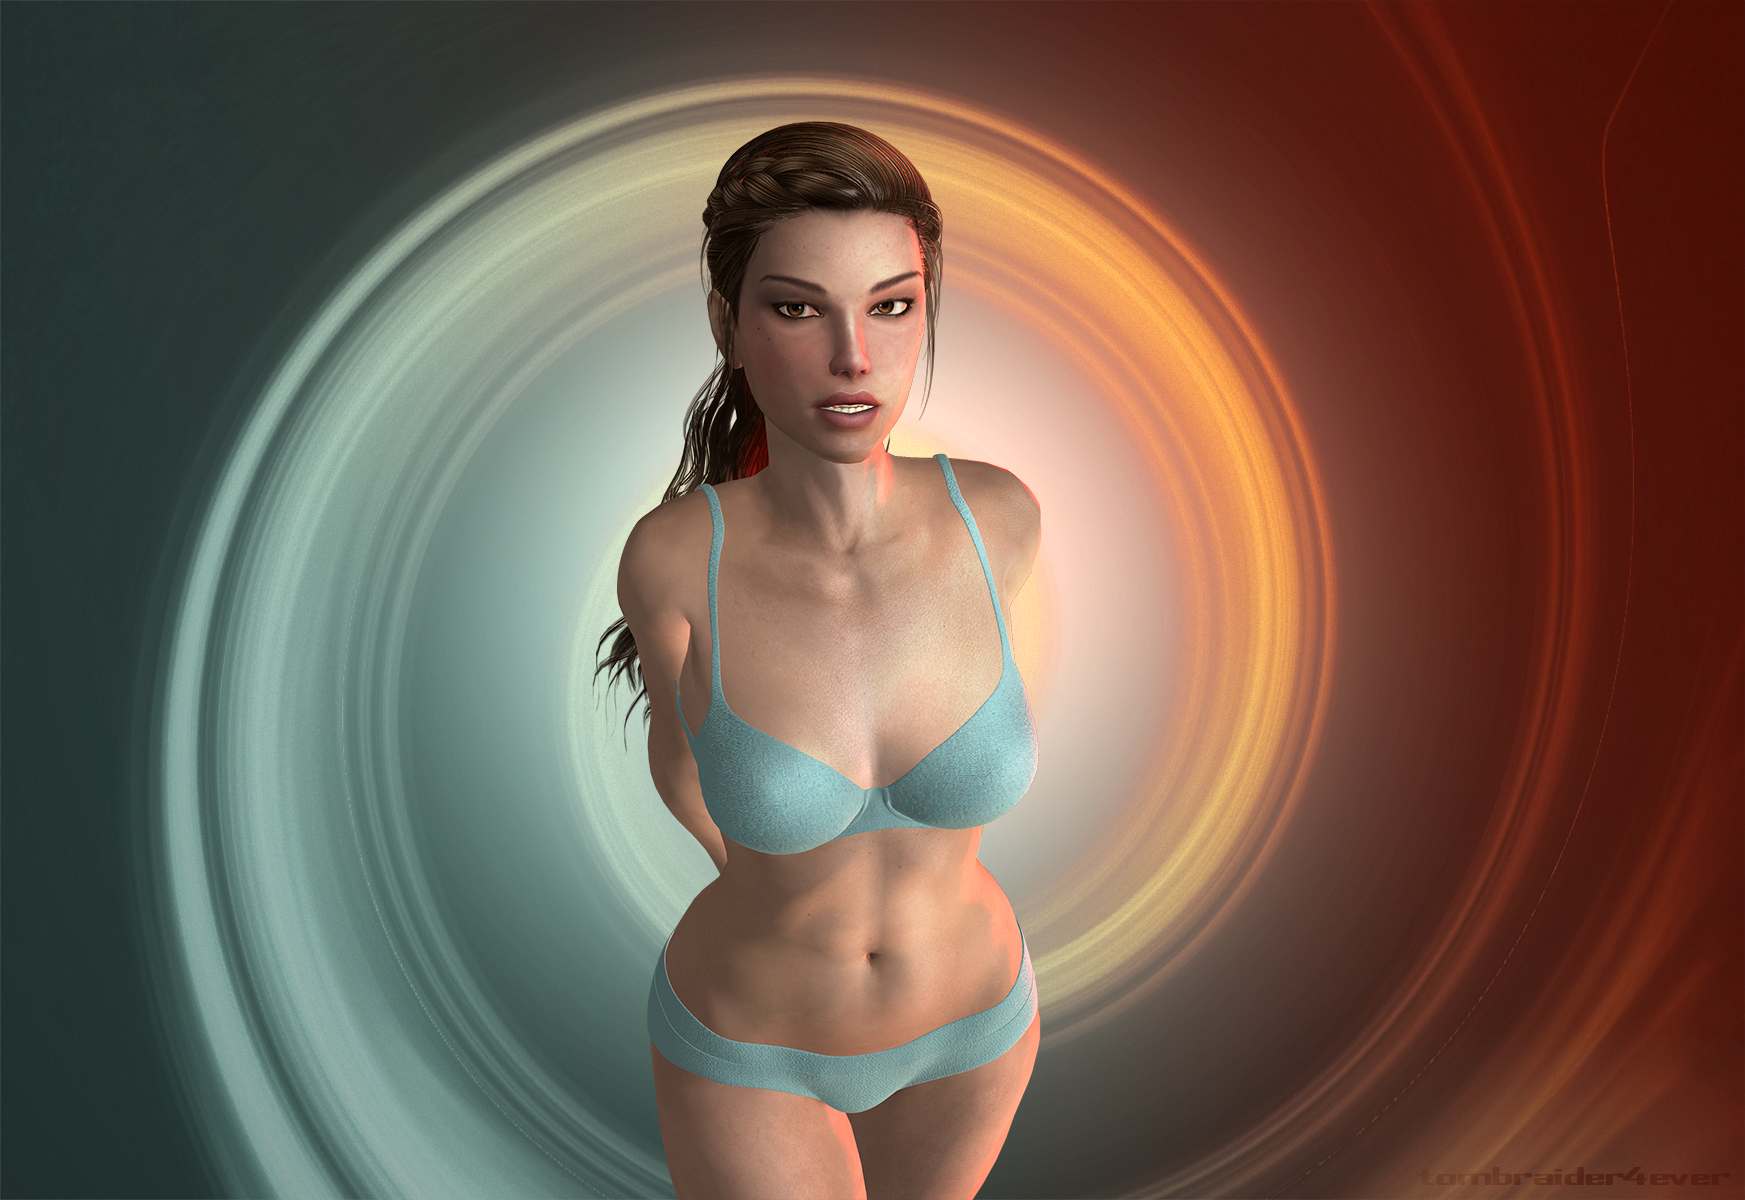 Tomb raider boob mod porn comics